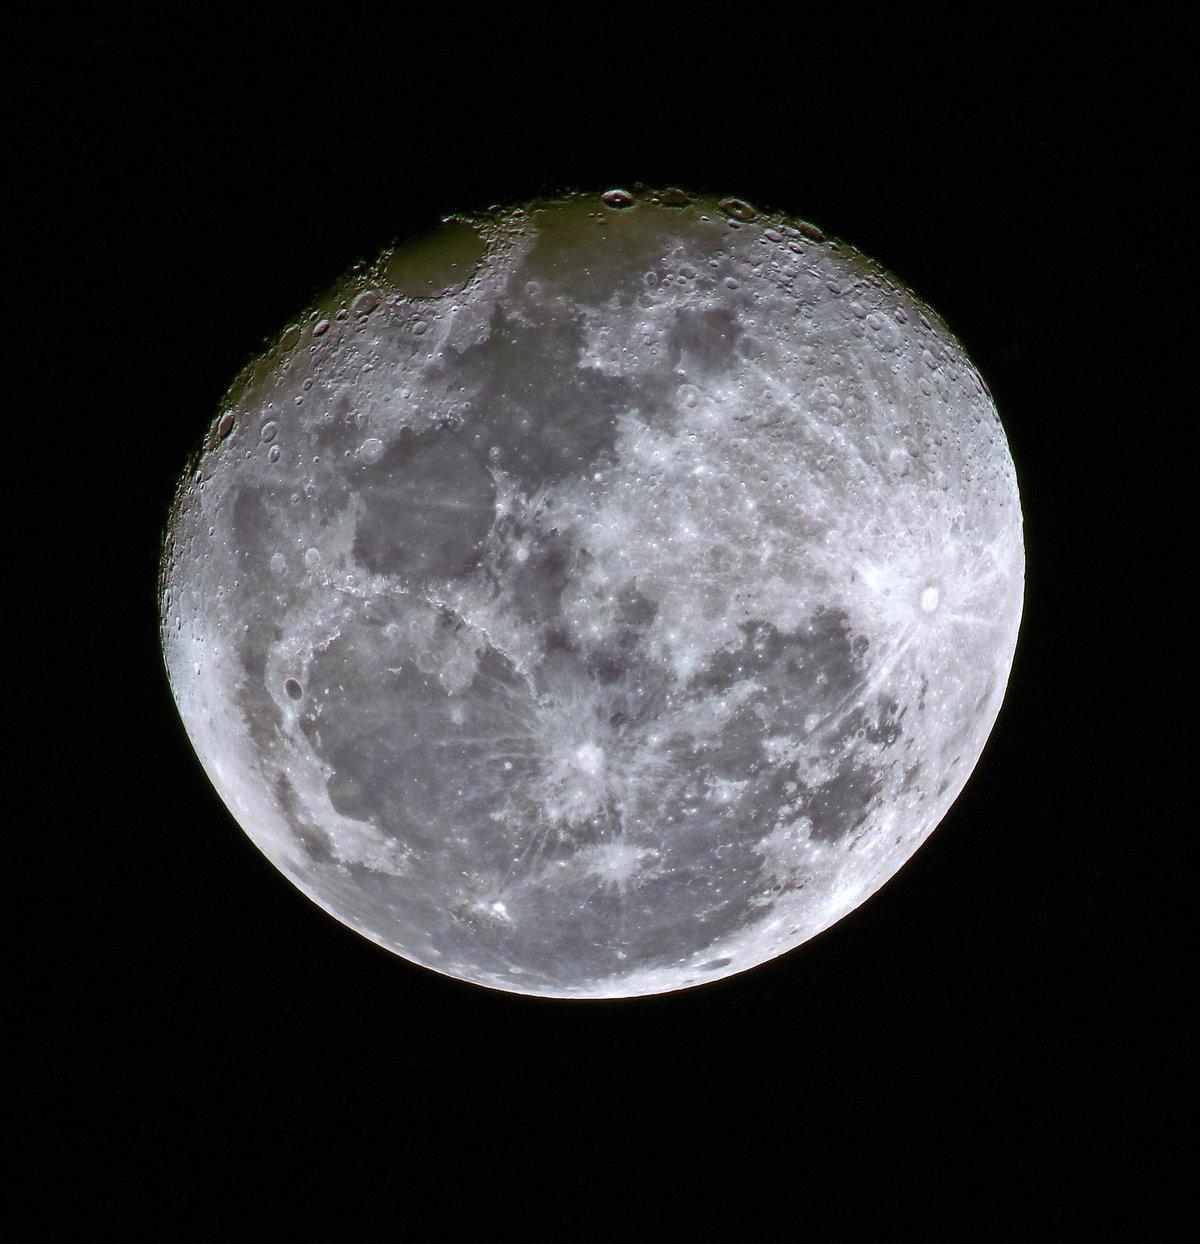 шумихи реальные фото луны из космоса суши